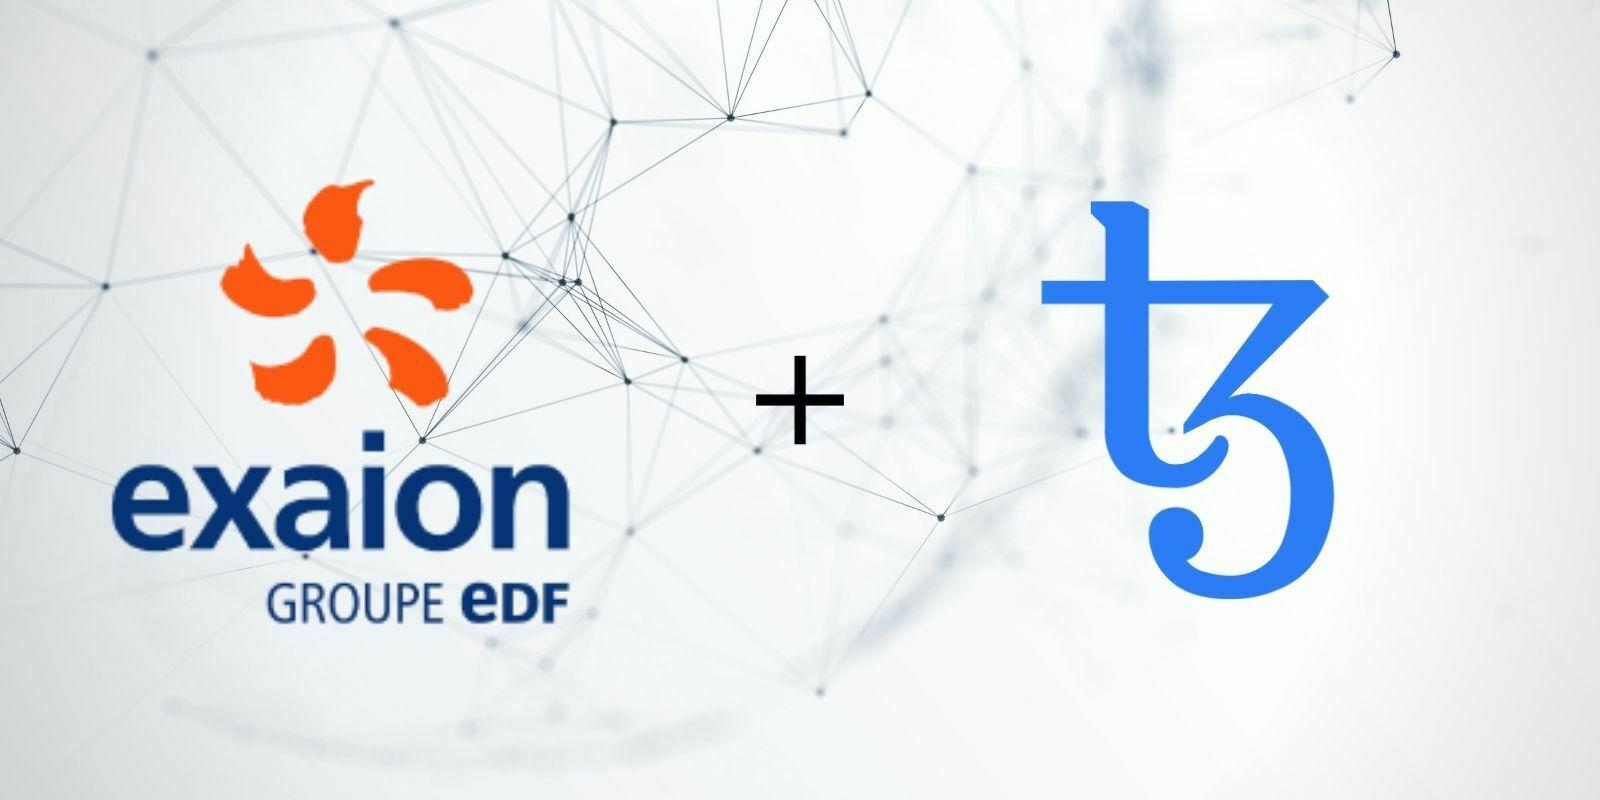 Le groupe EDF, par sa filiale Exaion, devient validateur de Tezos (XTZ)